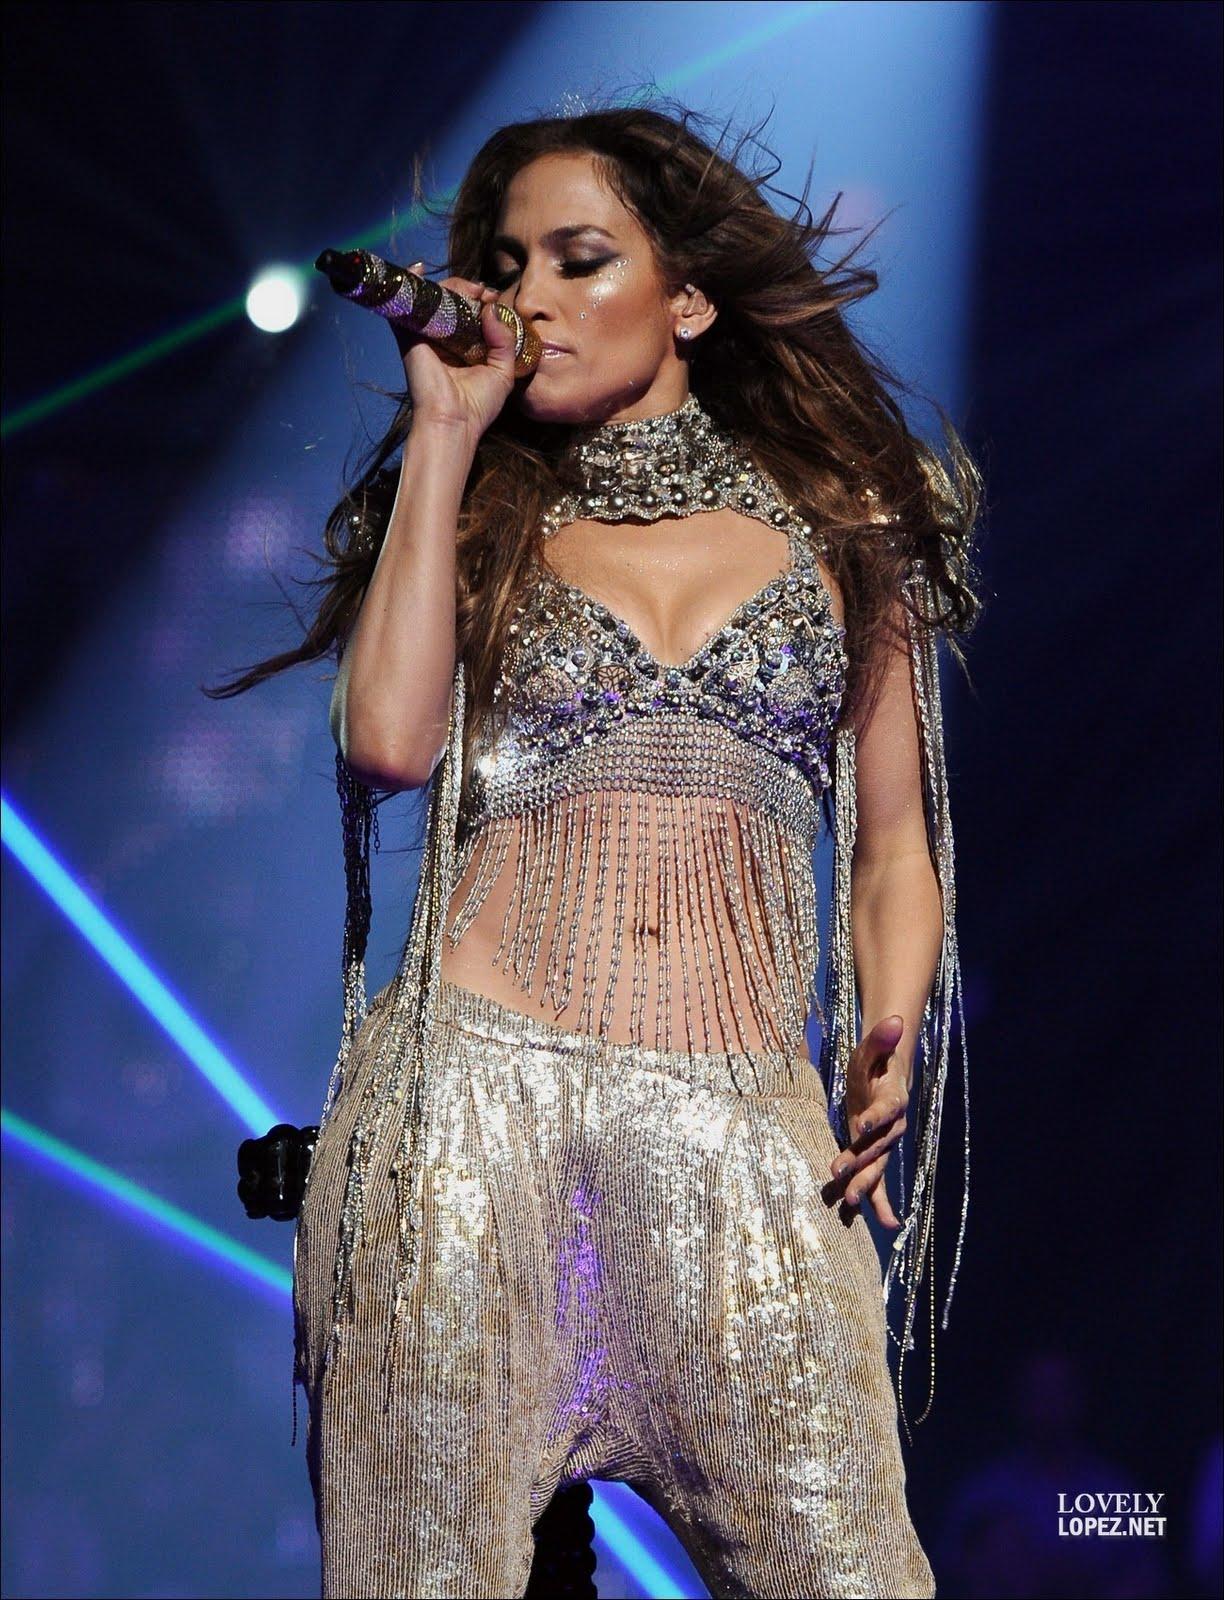 http://4.bp.blogspot.com/-opqj98lt7B0/TcVNgLmH01I/AAAAAAAALc8/oxP9yqn4P54/s1600/Jennifer-Performance-TV-American-Idol-May-5-2011-jennifer-lopez-21786584-1301-1700.jpg